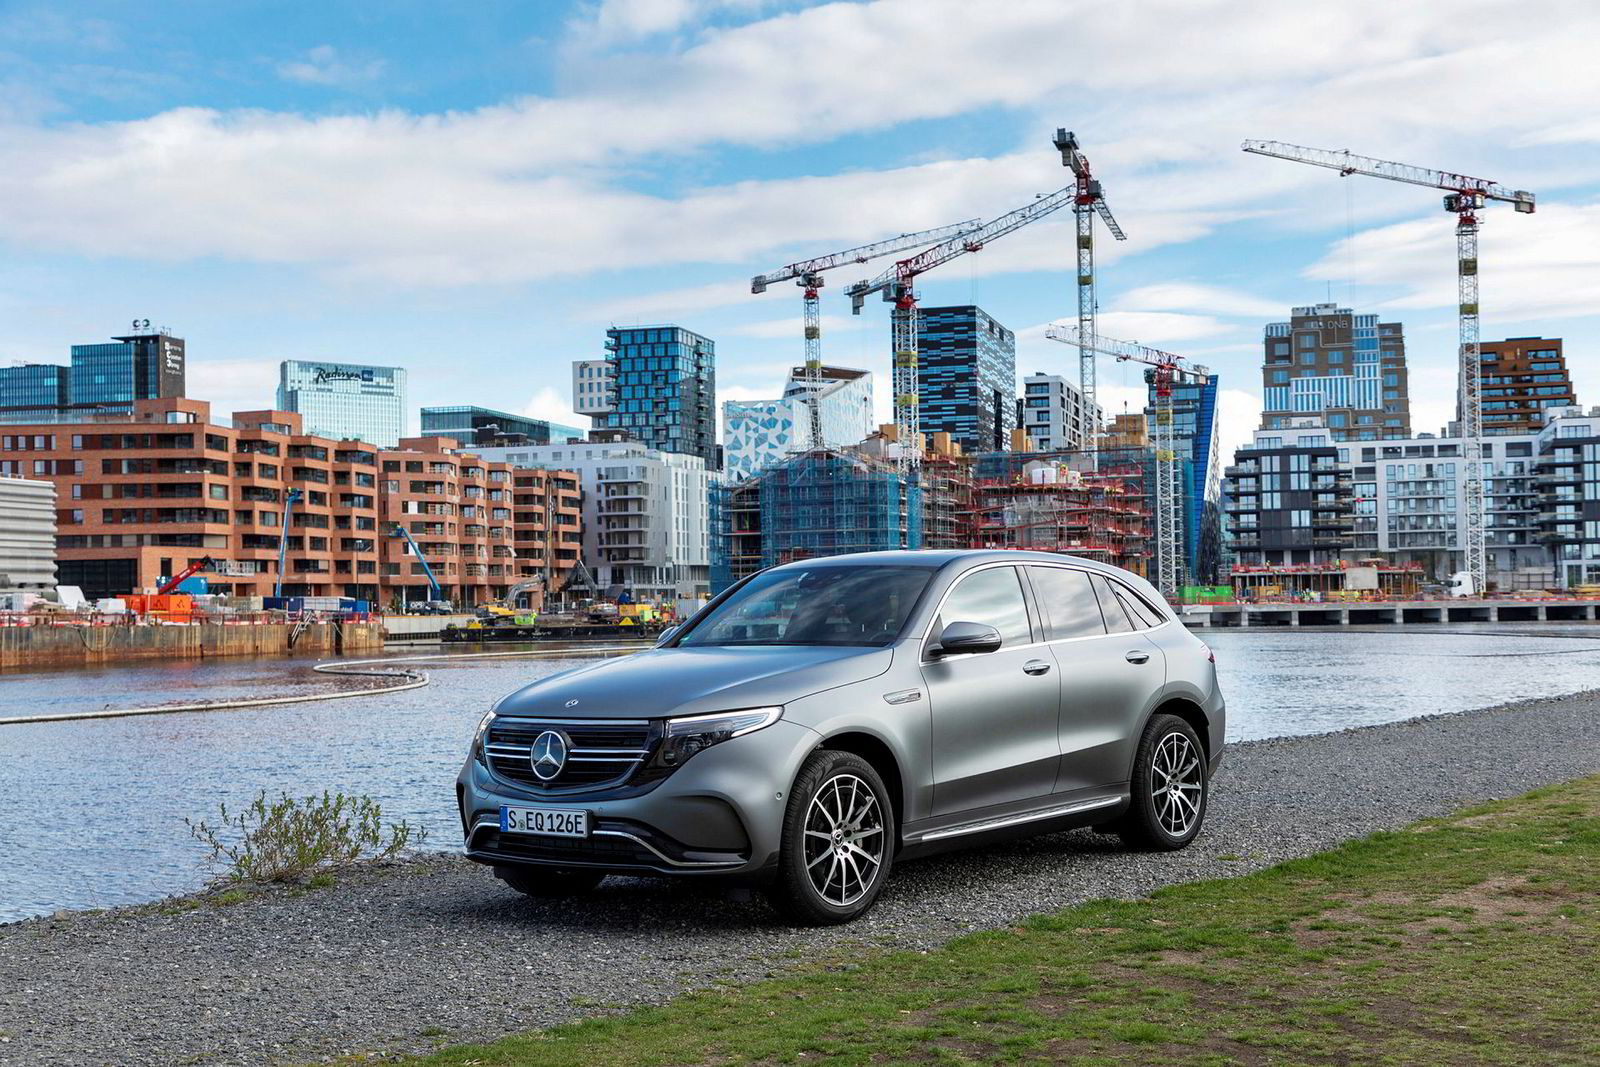 Leveringen av Mercedes-Benz EQC lar vente på seg.